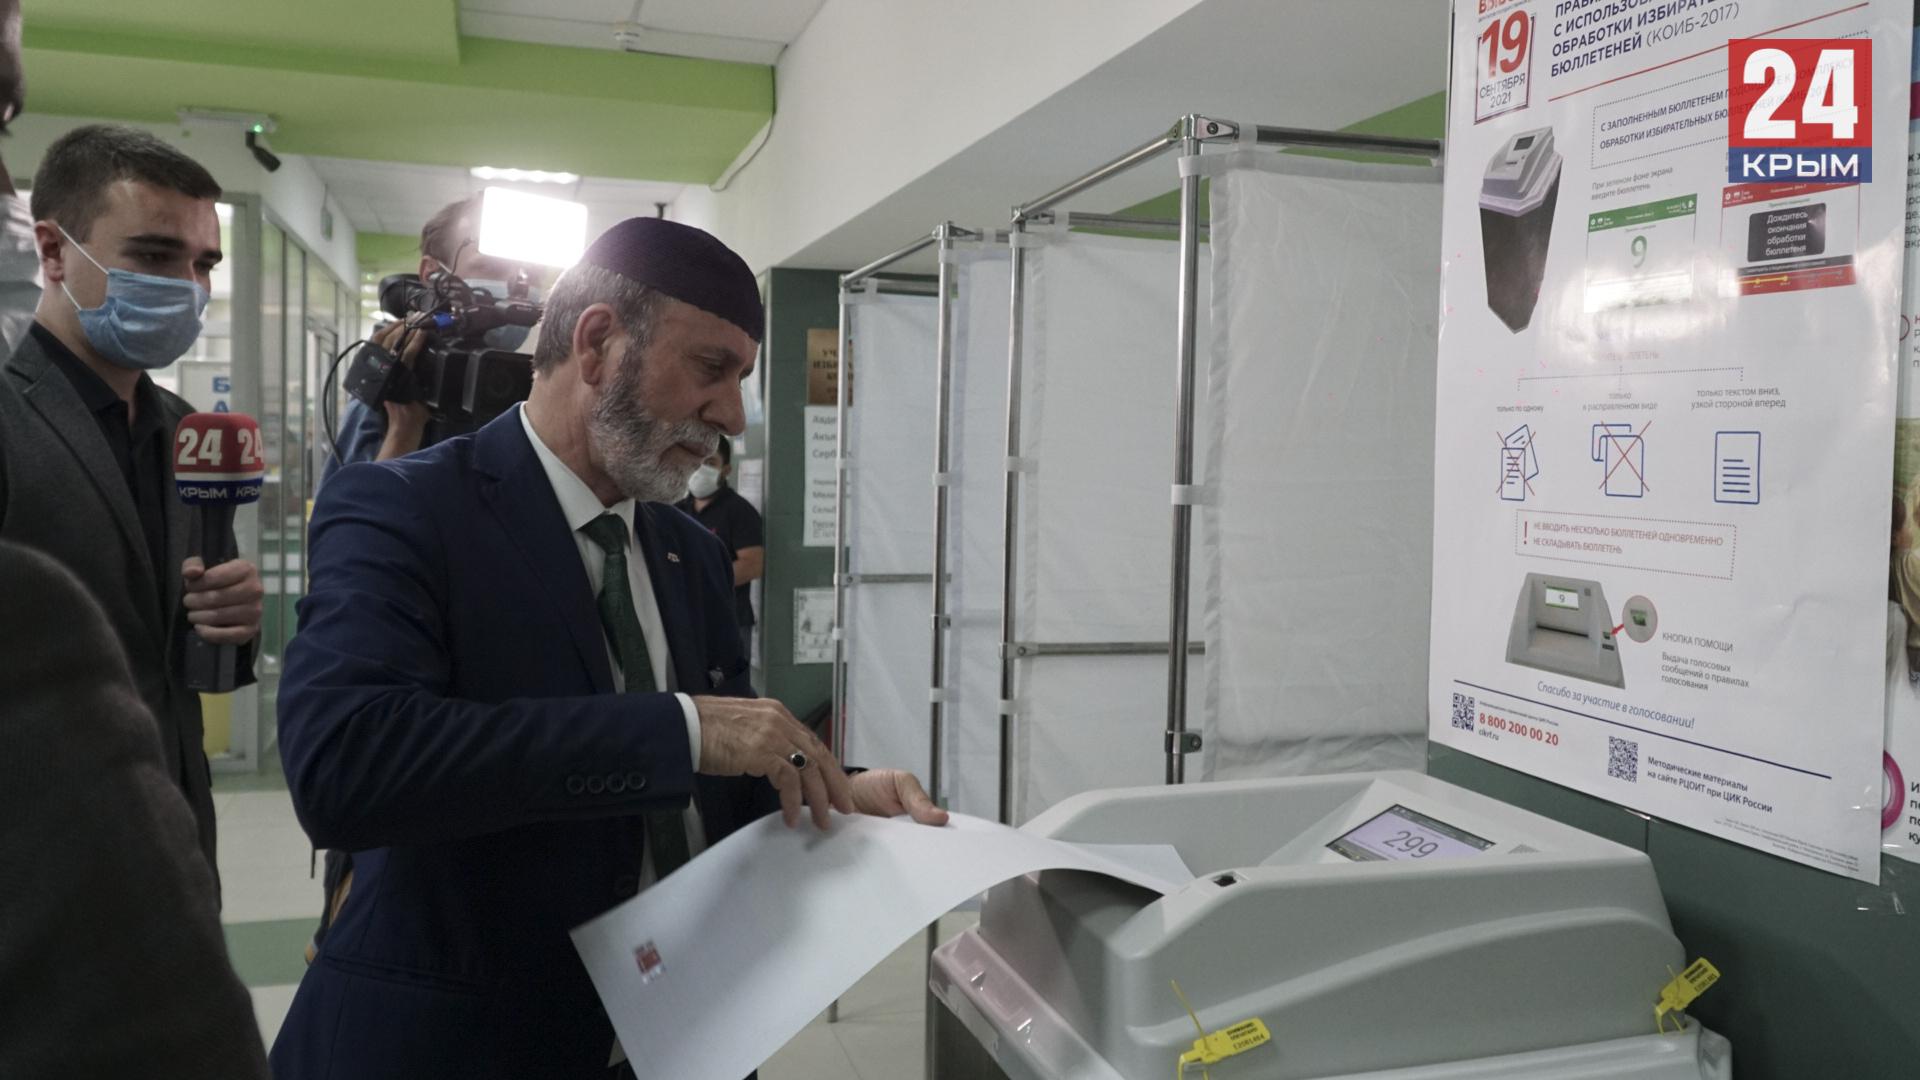 Муфтий Крыма проголосовал на избирательном участке